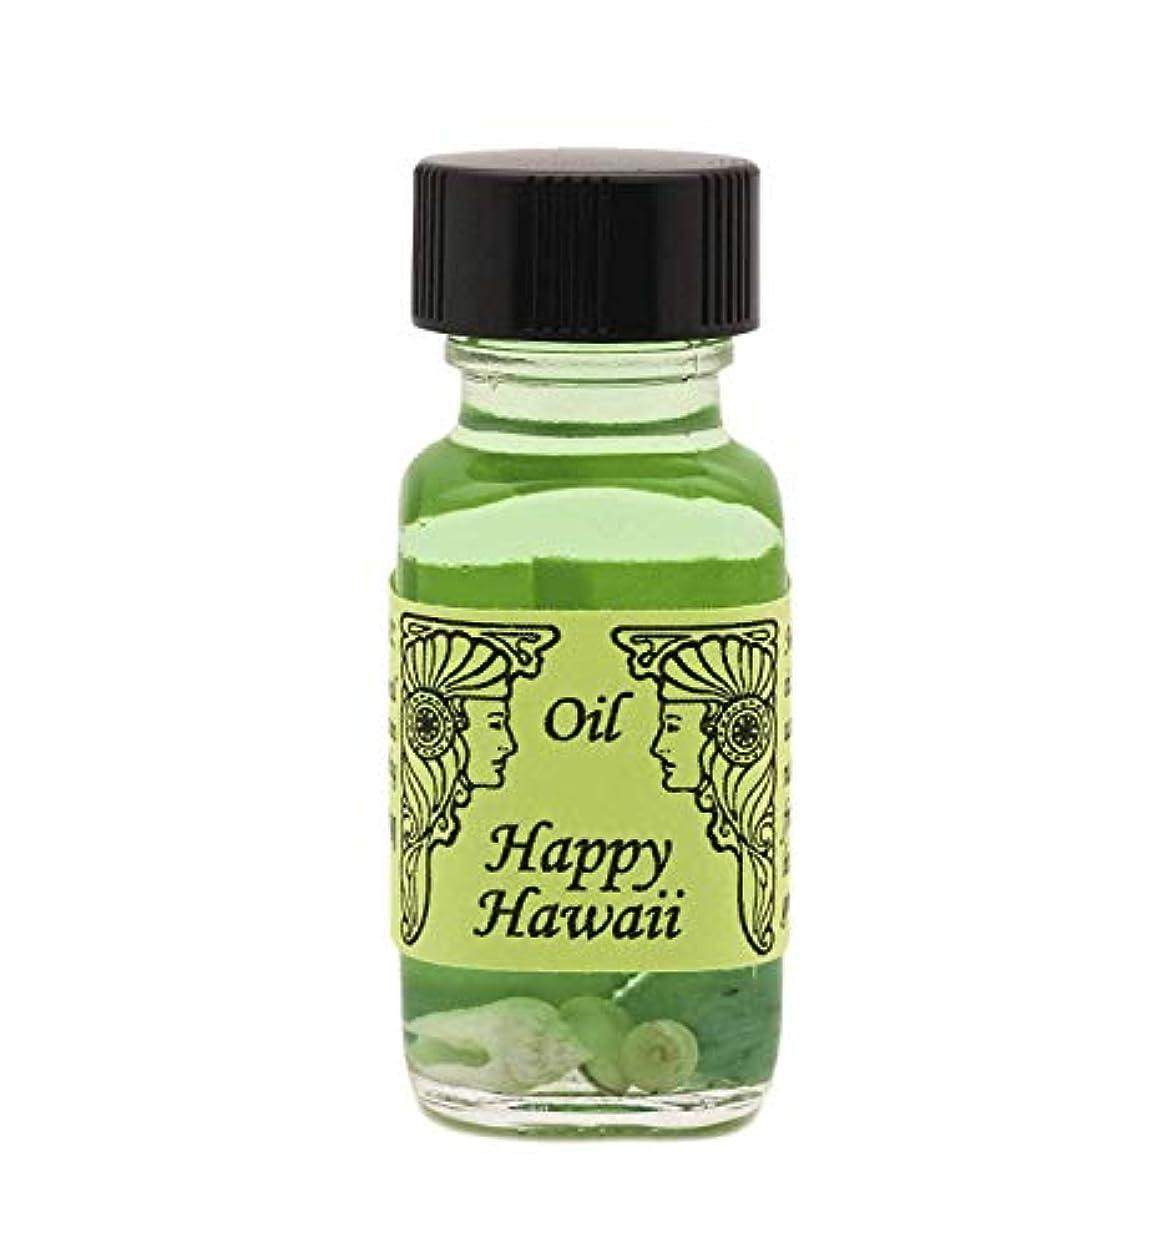 取る目立つ石灰岩Happy Hawaii (ハッピーハワイ) アンシェントメモリーオイル 15ml 2019年復活オイル